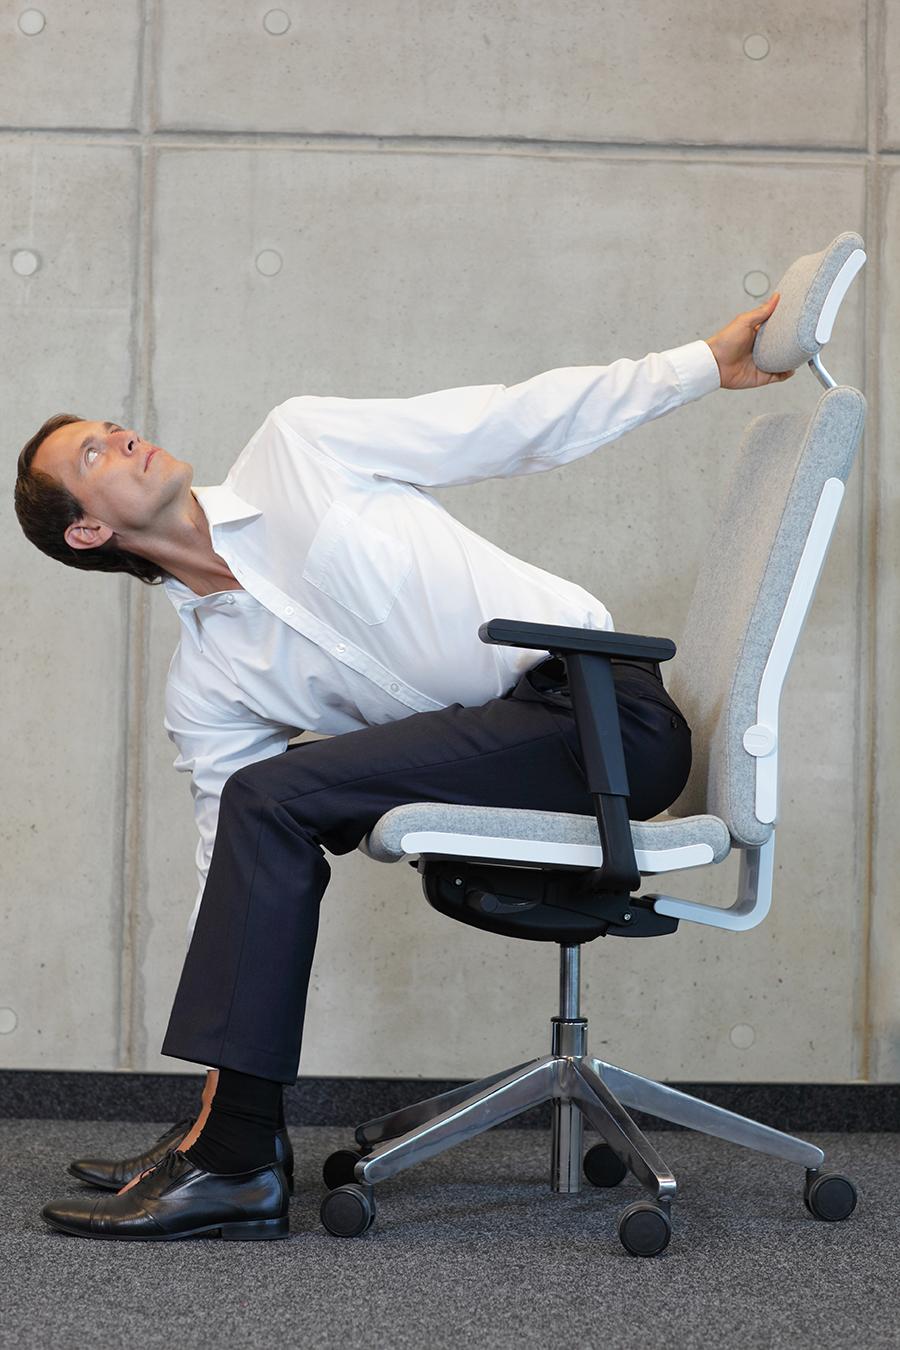 Übung 4: Wirbelsäule drehen. Bürogymnastik. Rückenübungen fürs Büro und zuhause.